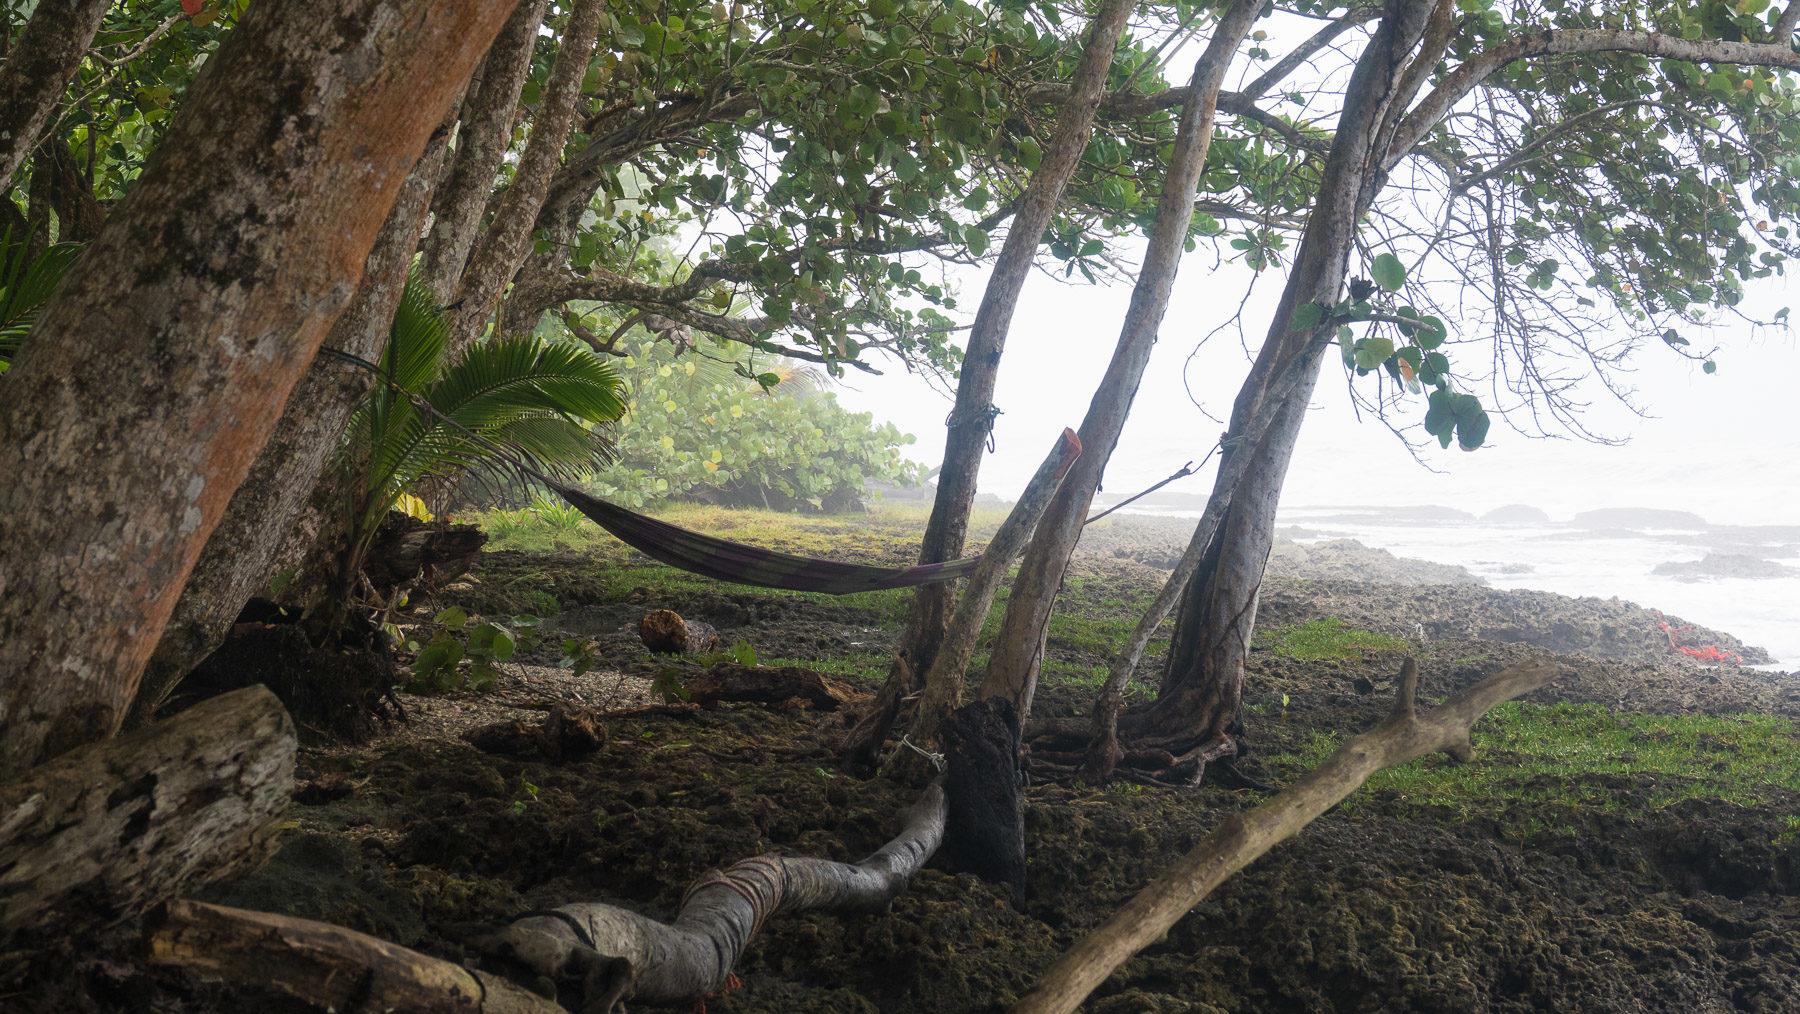 Karibikstrände in der Regenzeit, eher in schwarz-weiß als in grün-blau